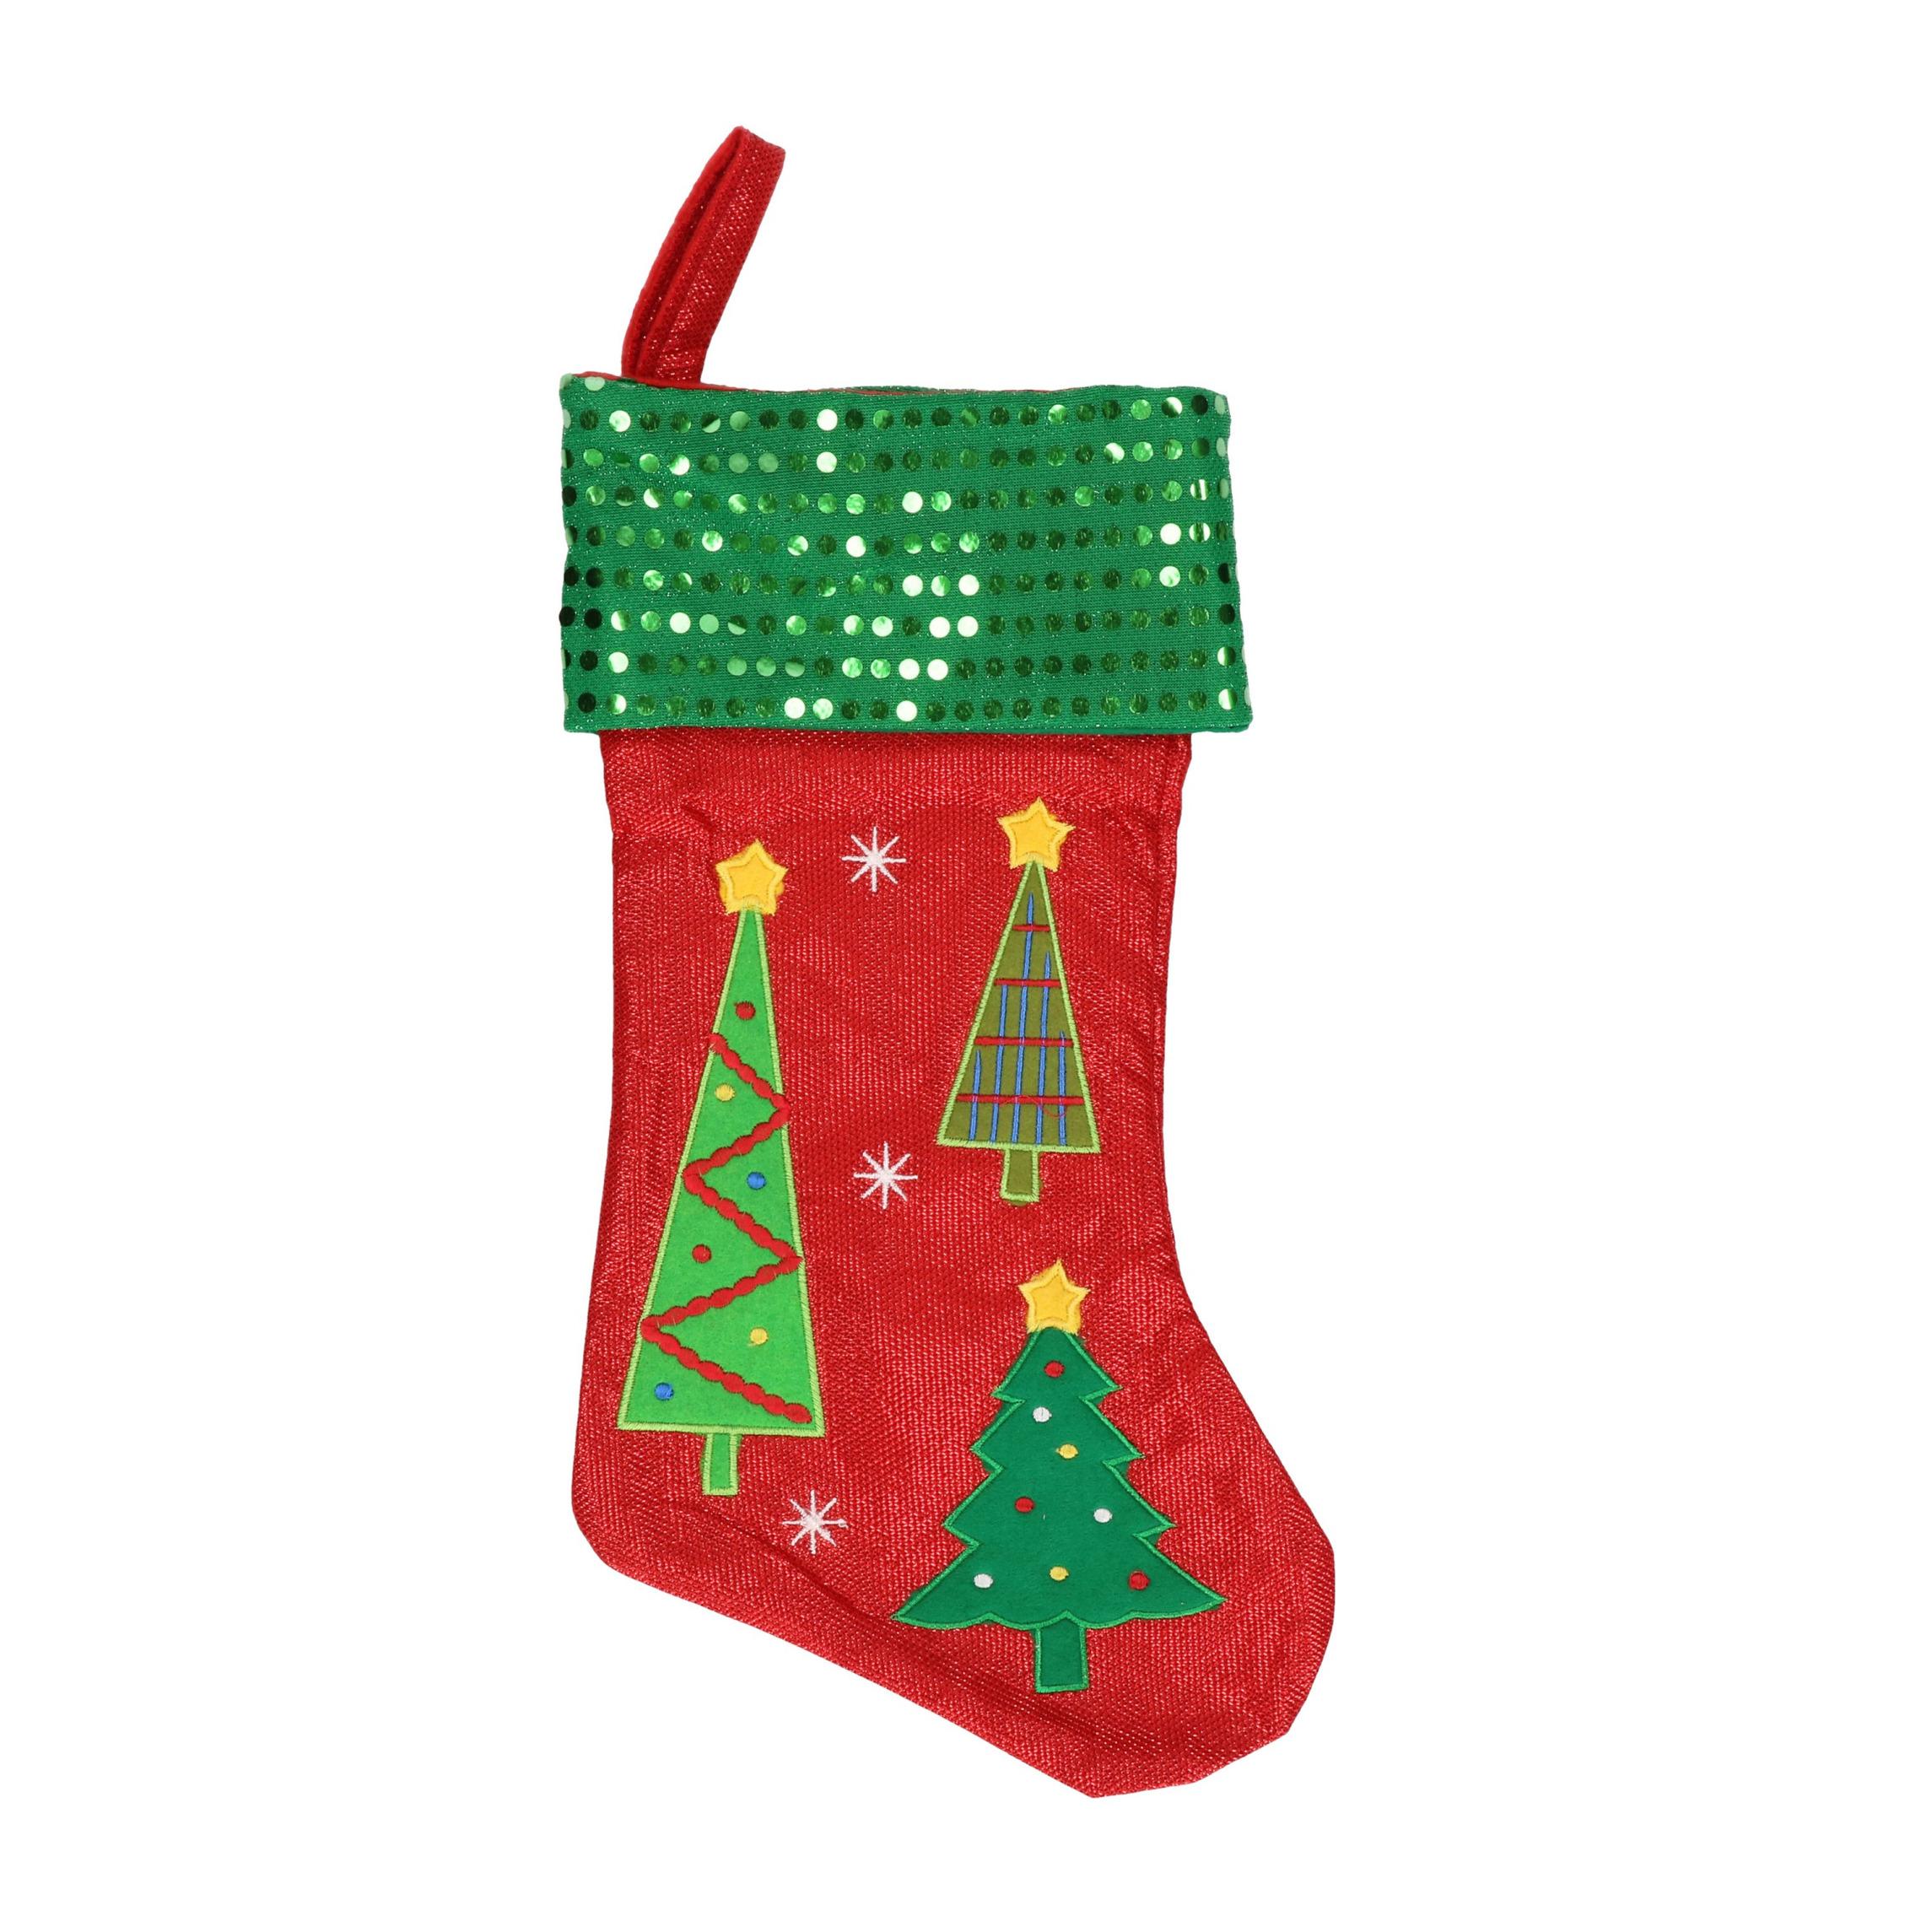 Rood-groene kerstsokken met kerstbomen print 45 cm